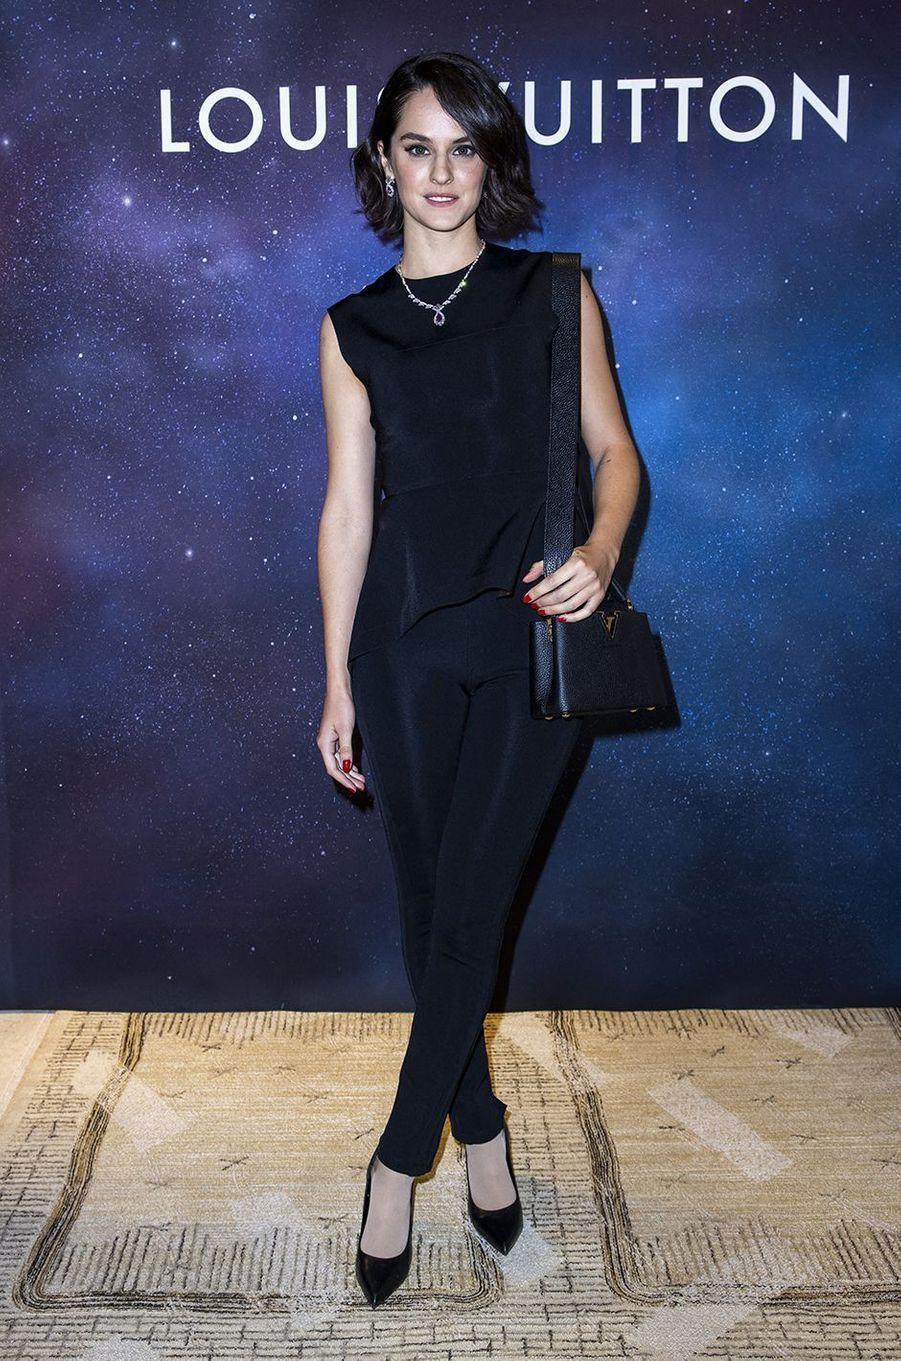 Noémie Merlantàla soirée Louis Vuitton pour la présentation de la collection de haute joaillerie«Stellar Times»à Paris le 28 septembre 2020